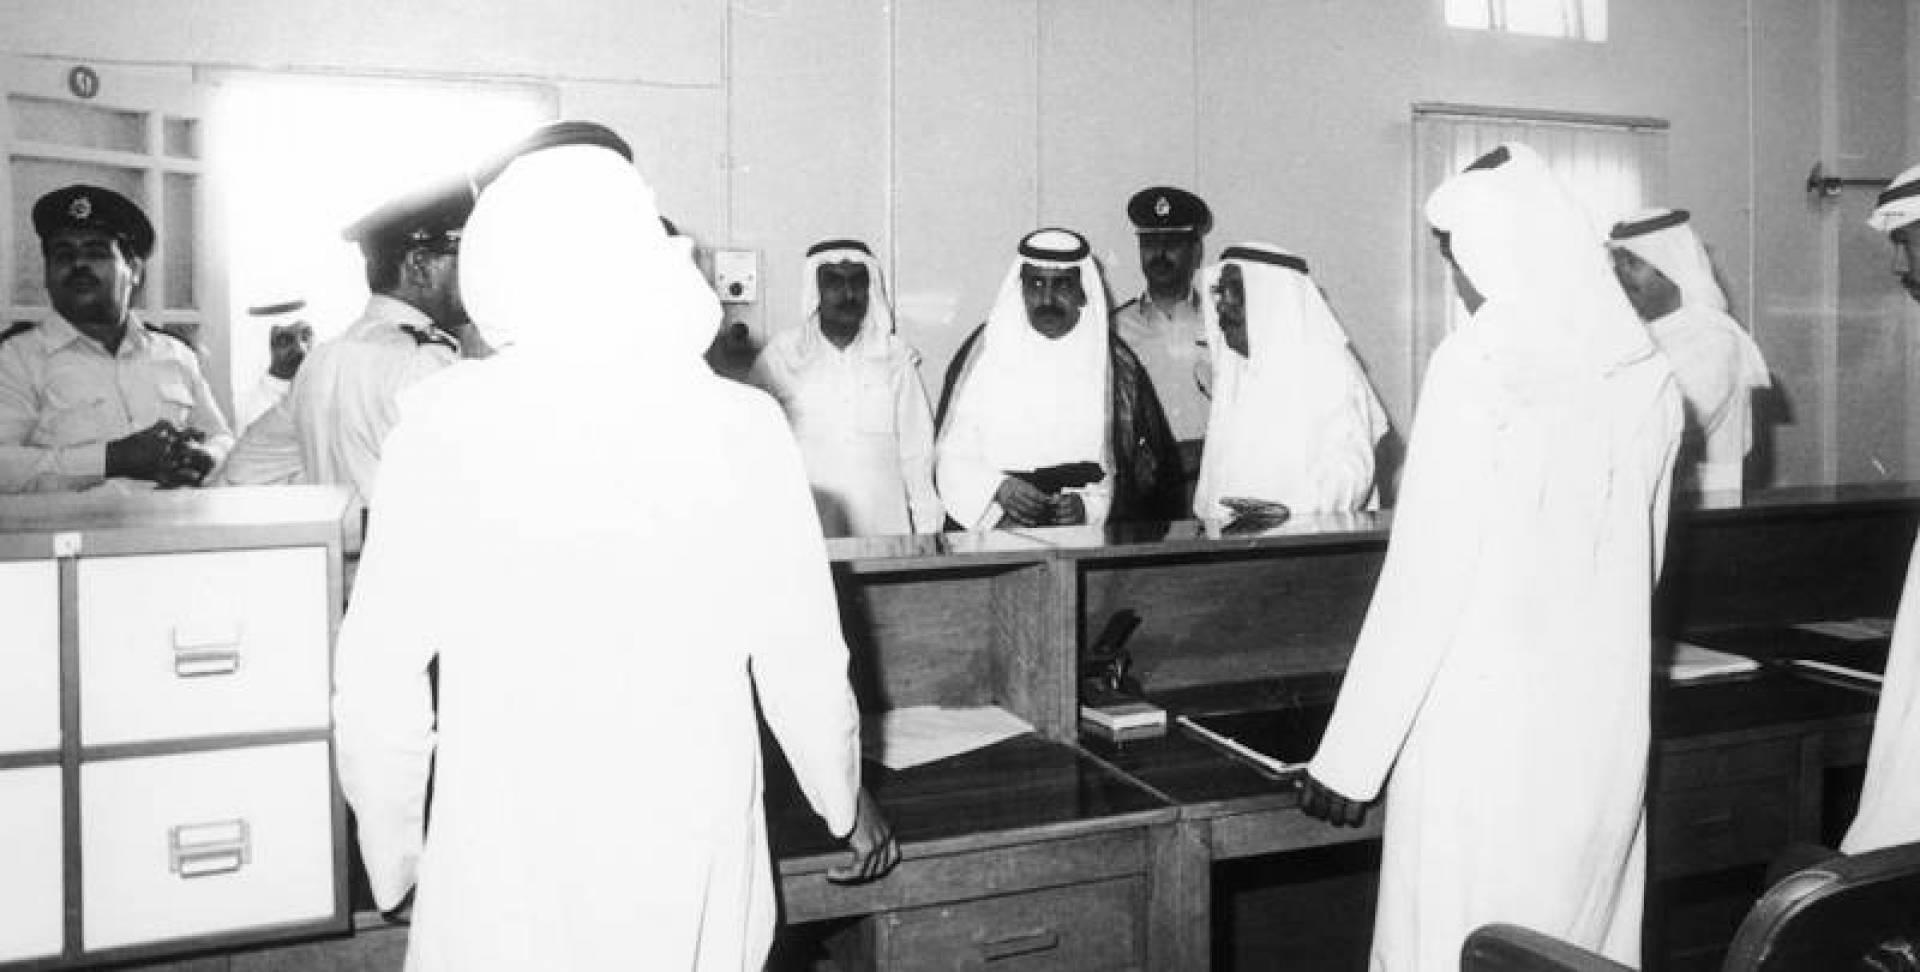 محافظ الجهراء عبدالرحمن المجحم يتفقد إدارة الجوازات بالمحافظة.. أرشيفية